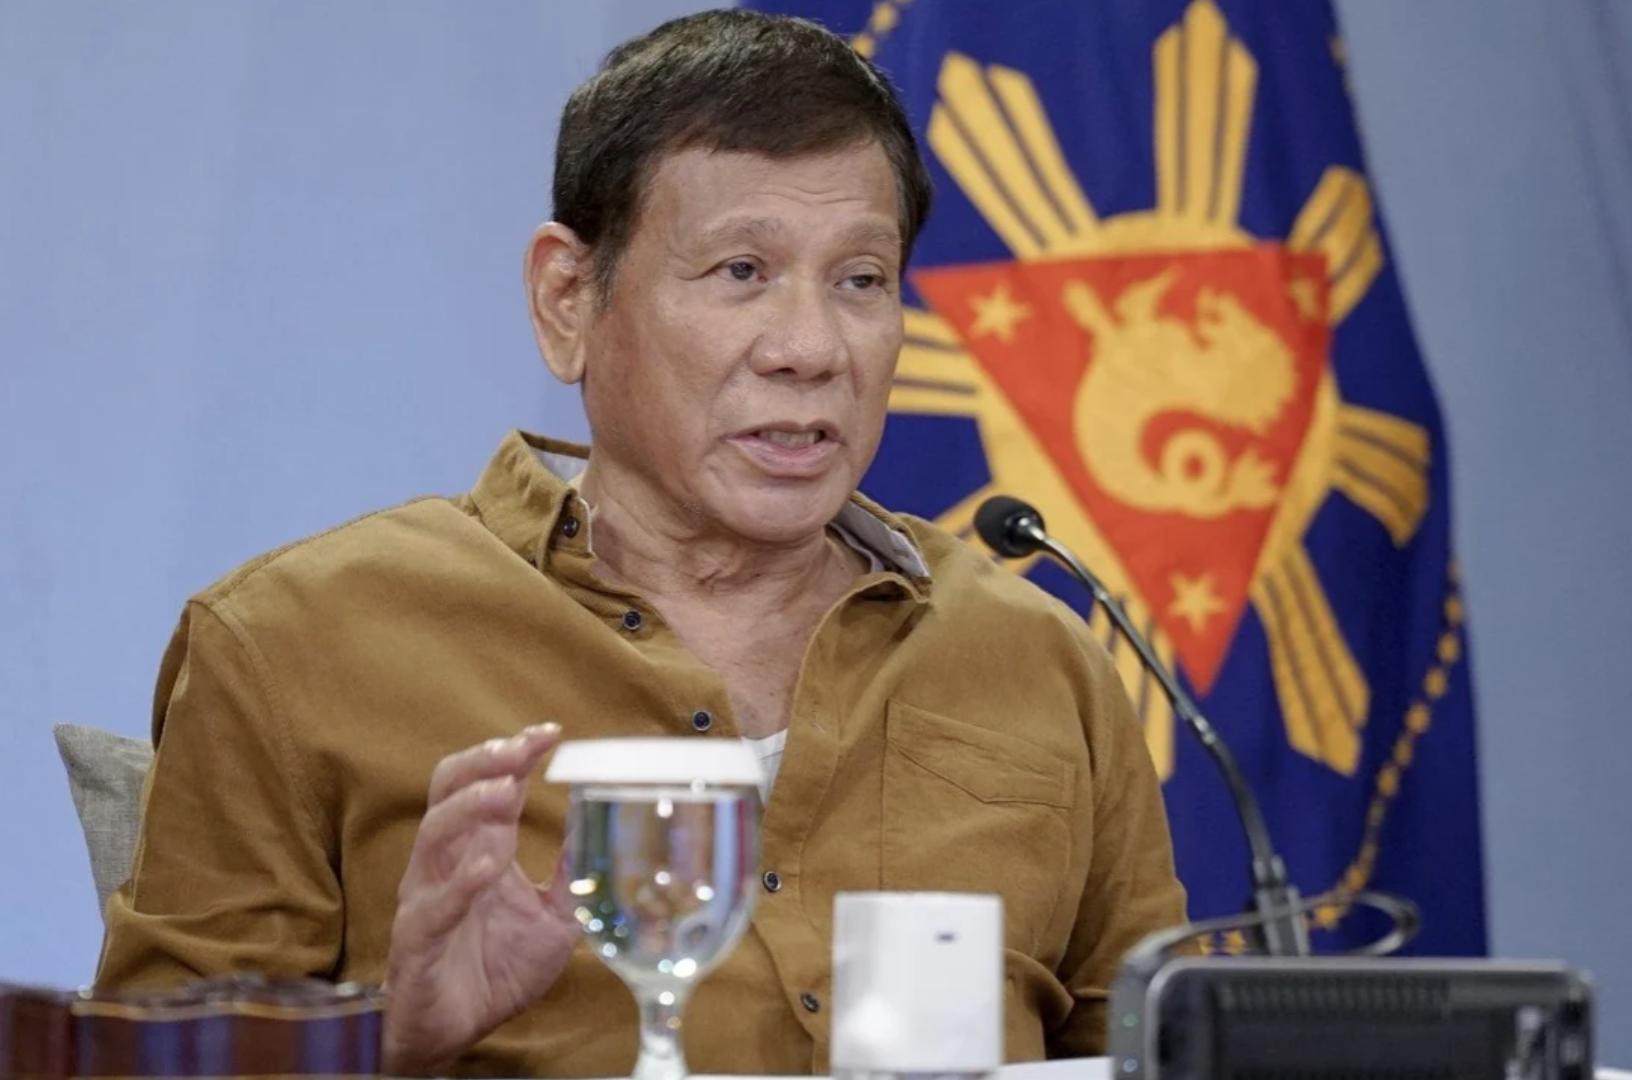 Tổng Thống Philippines tuyên bố sẽ dùng chiến hạm để bảo vệ tài nguyên tại biển Đông